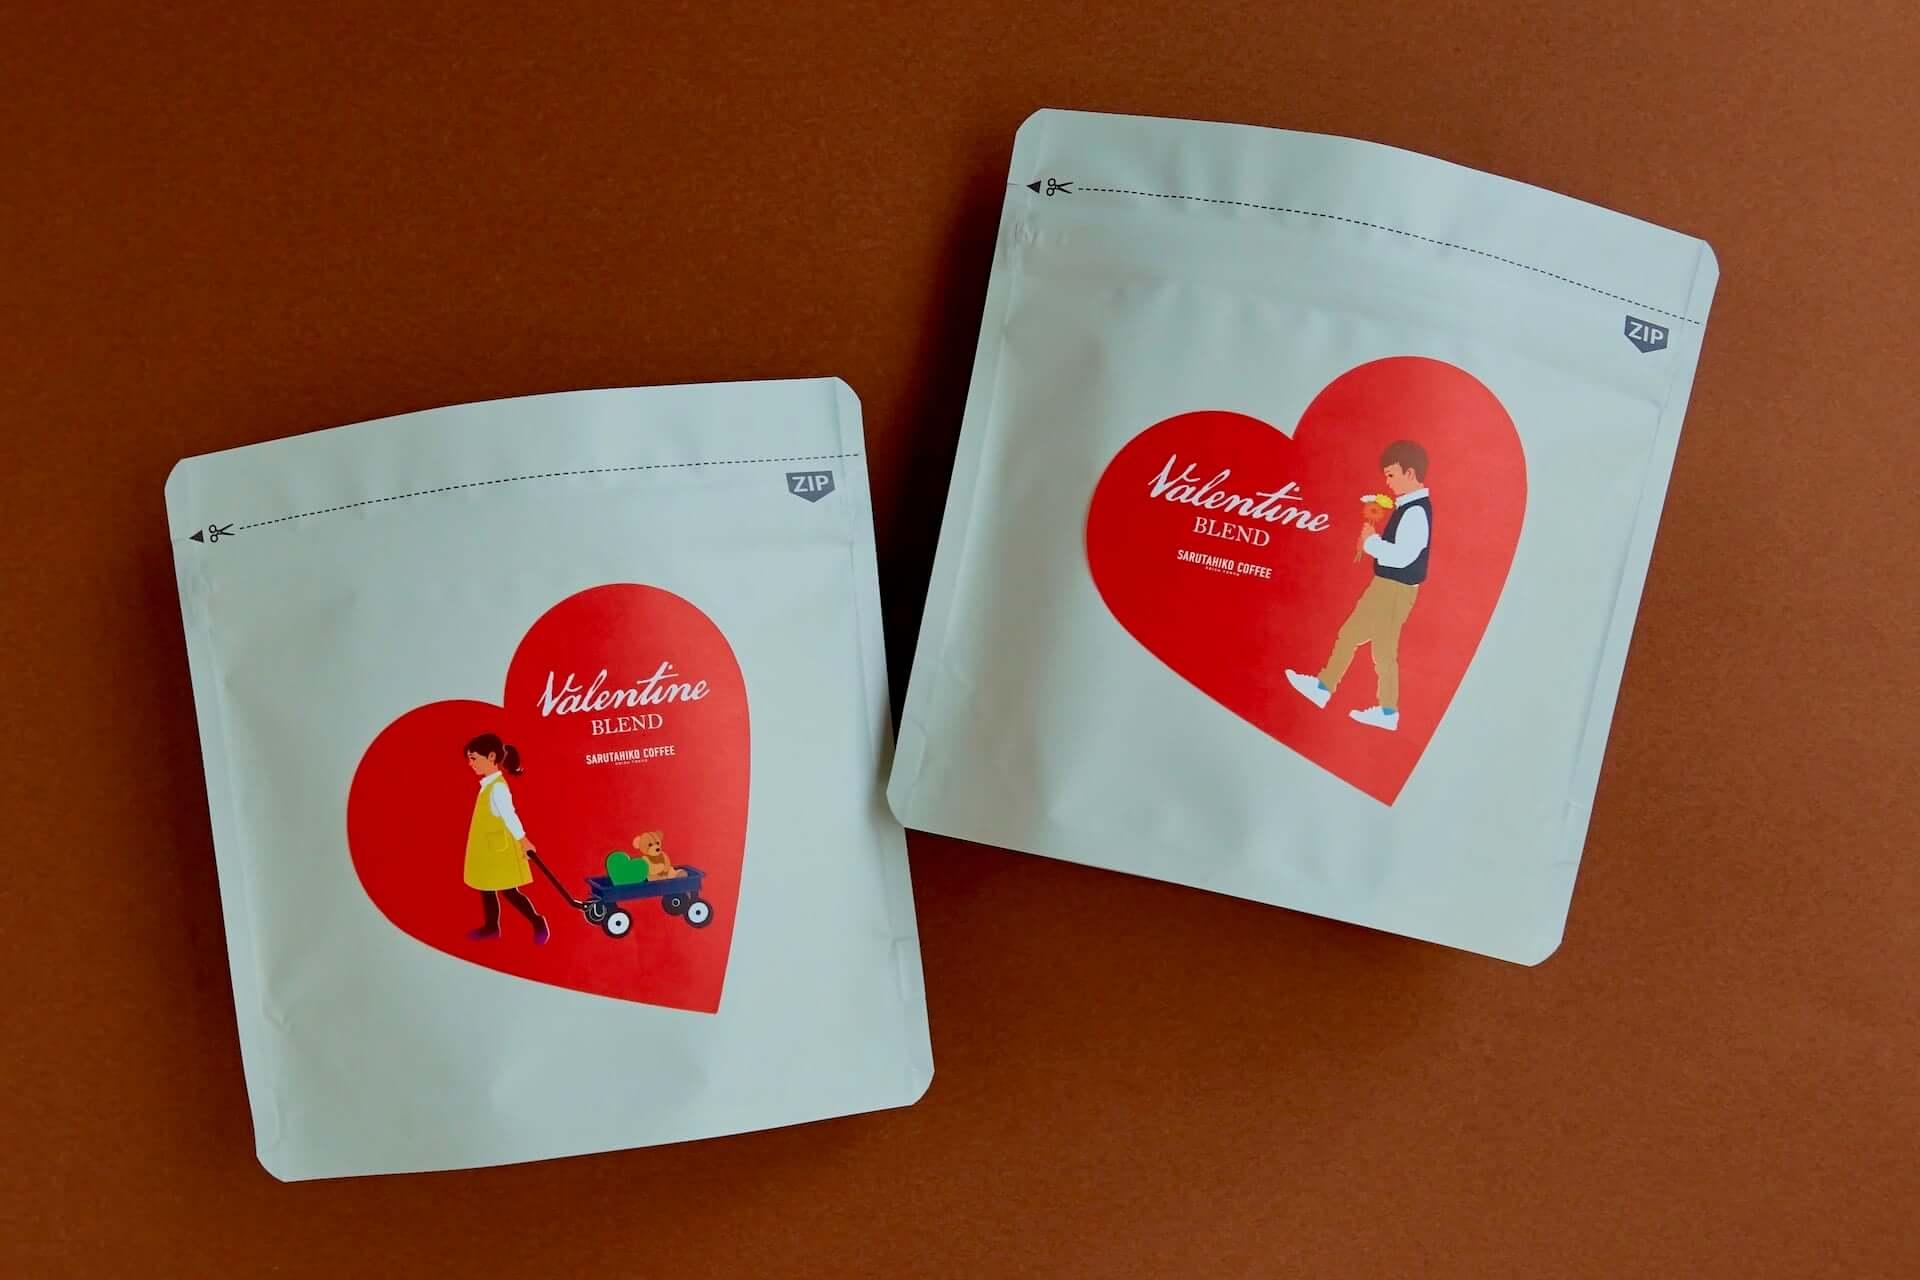 猿田彦珈琲のバレンタイン限定商品『リッチホットチョコレート』が今年もリニューアルして登場!数量限定のギフトセットも展開 gourmet210108_sarutahiko_9-1920x1280